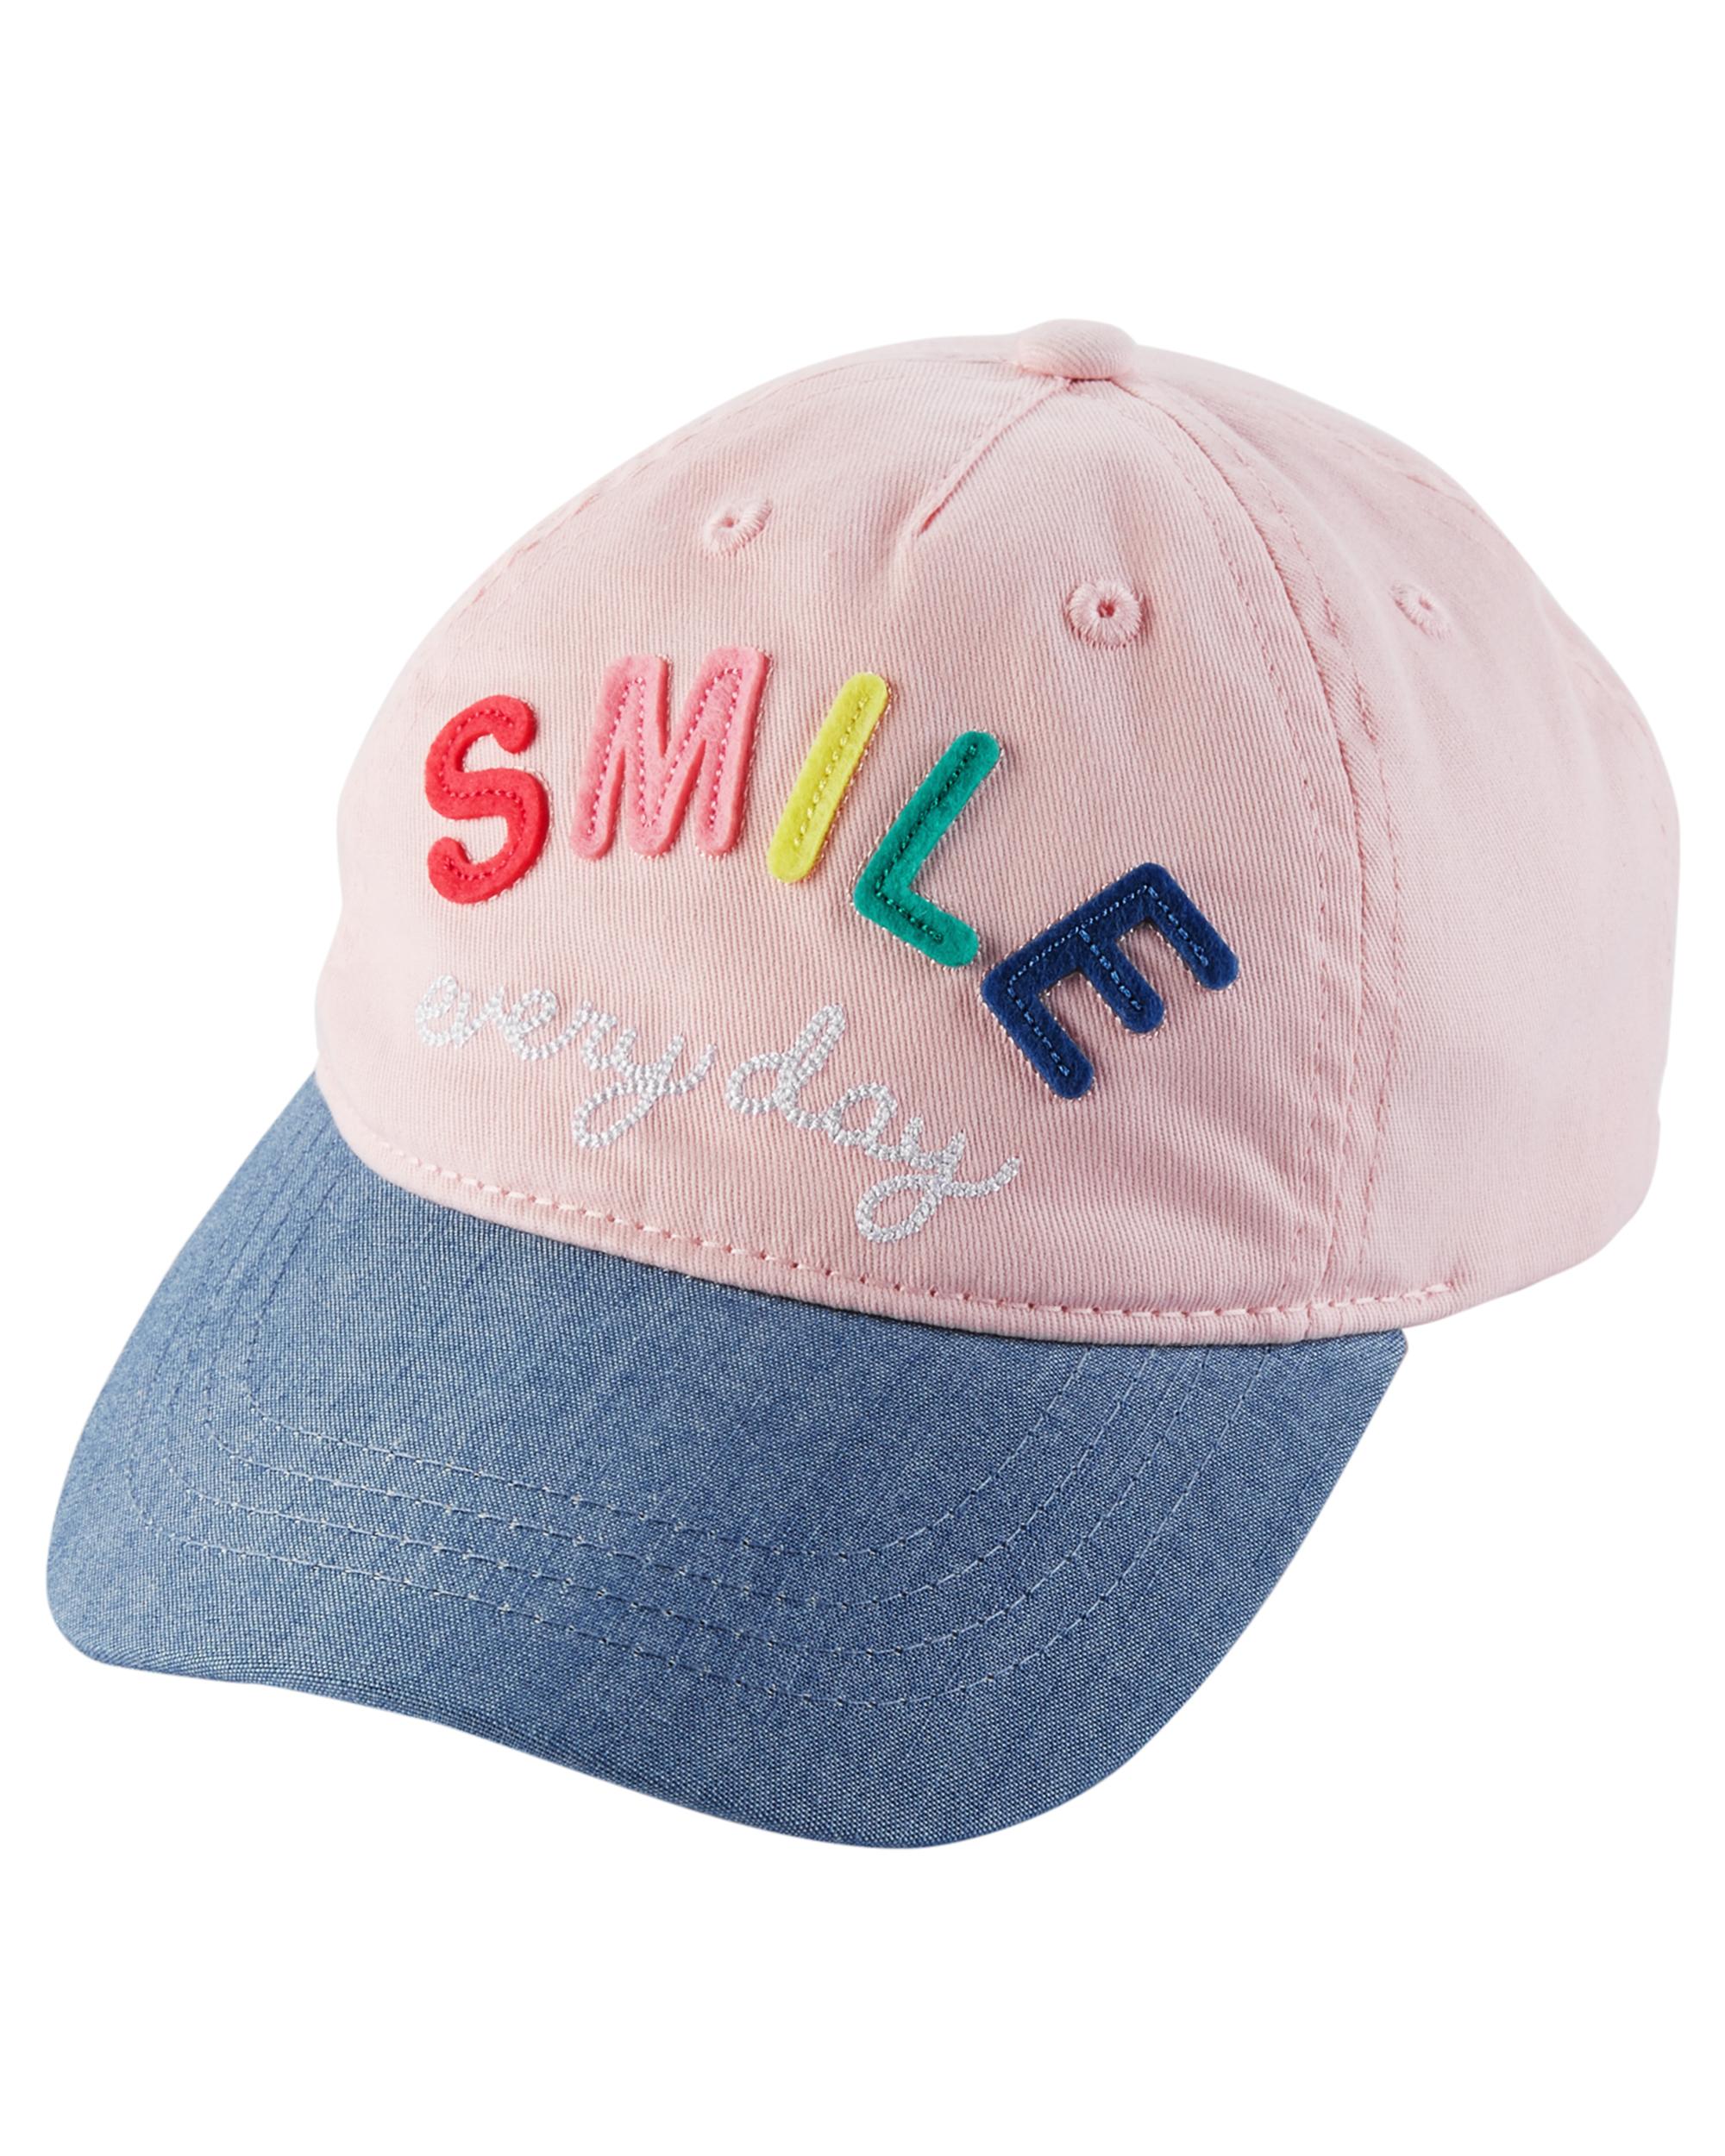 SMILE כובע מצחייה ורוד